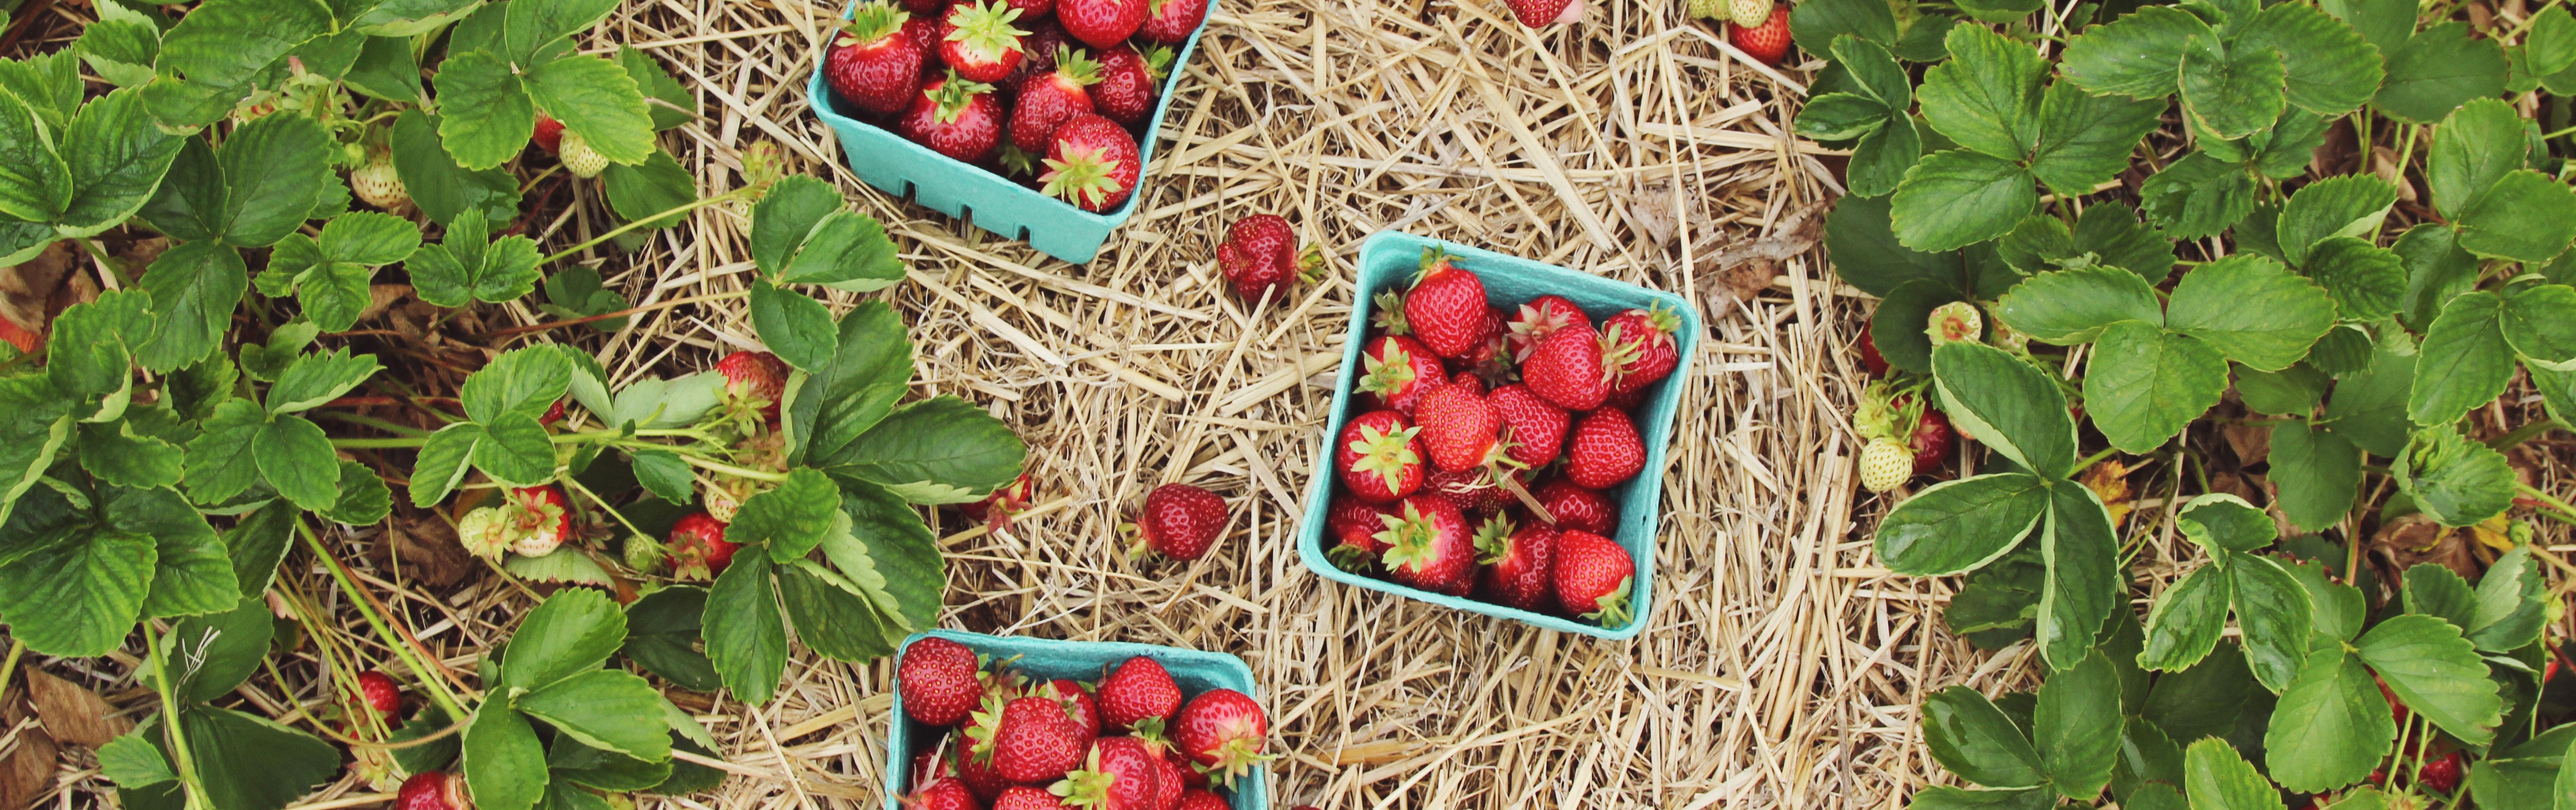 Comment Entretenir Les Fraisiers En Automne fraisiers : plantes pour le potager et potager - botanic®